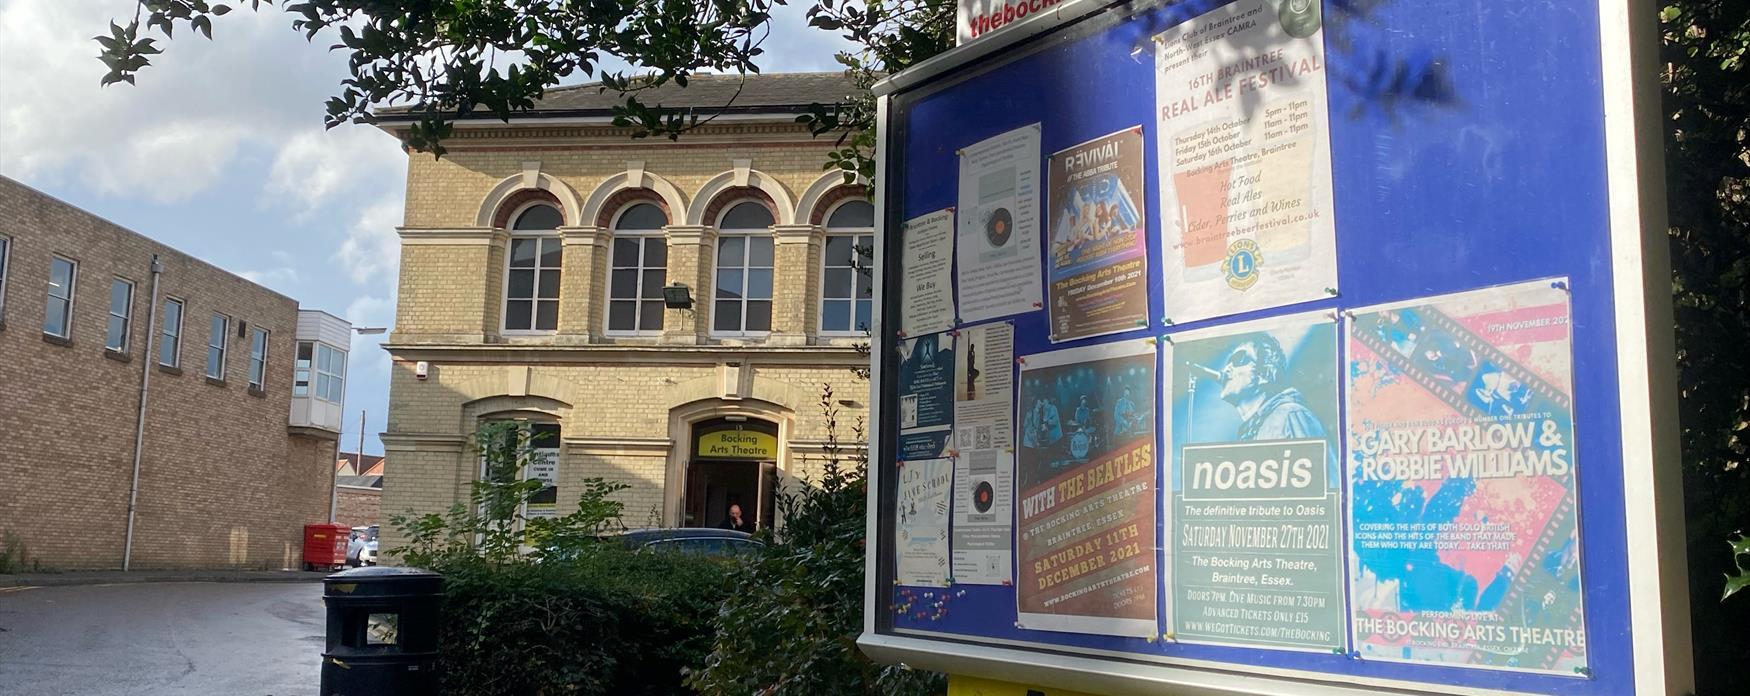 Bocking Arts Theatre